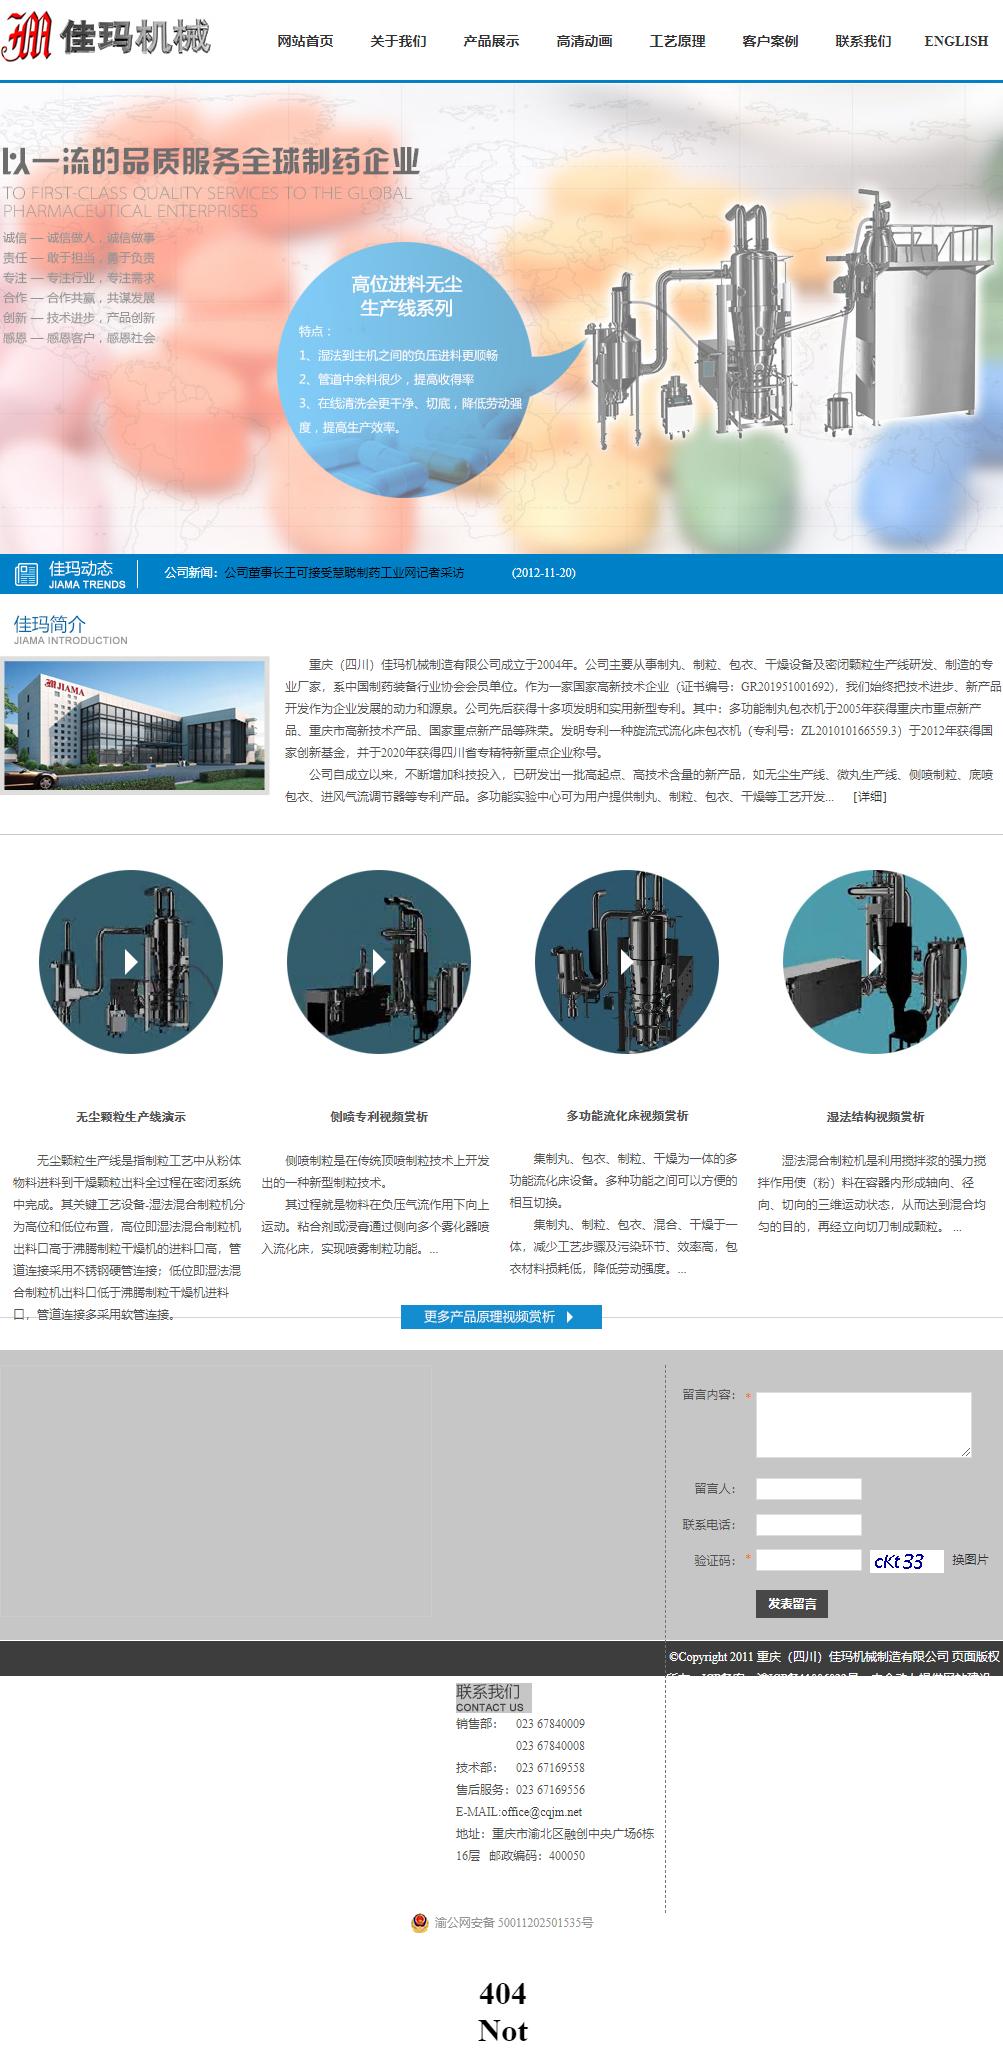 重庆佳玛机械制造有限公司网站案例